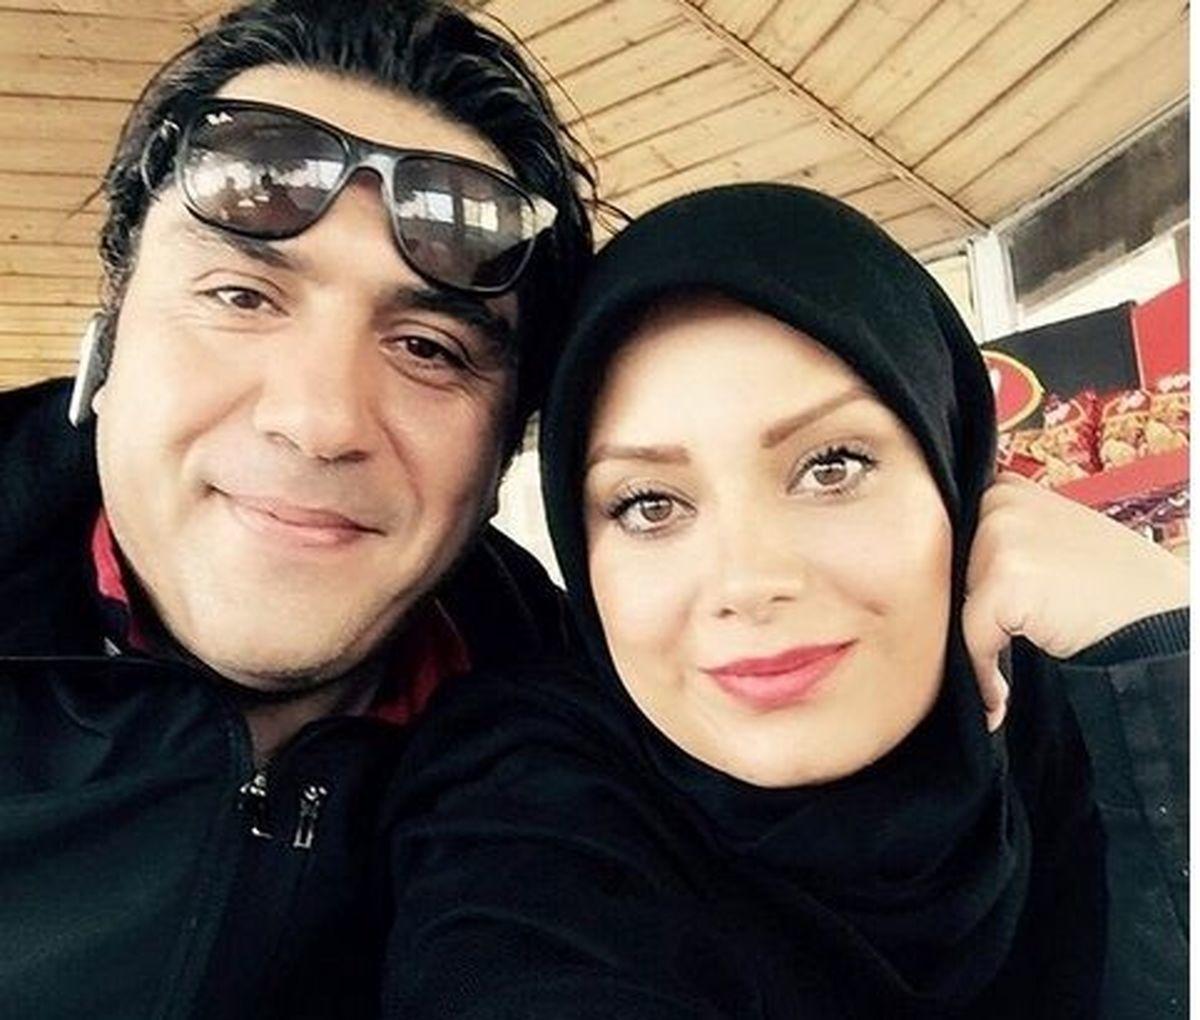 ویلای لاکچری و میلیاردی صبا راد مجری تلویزوین + عکس